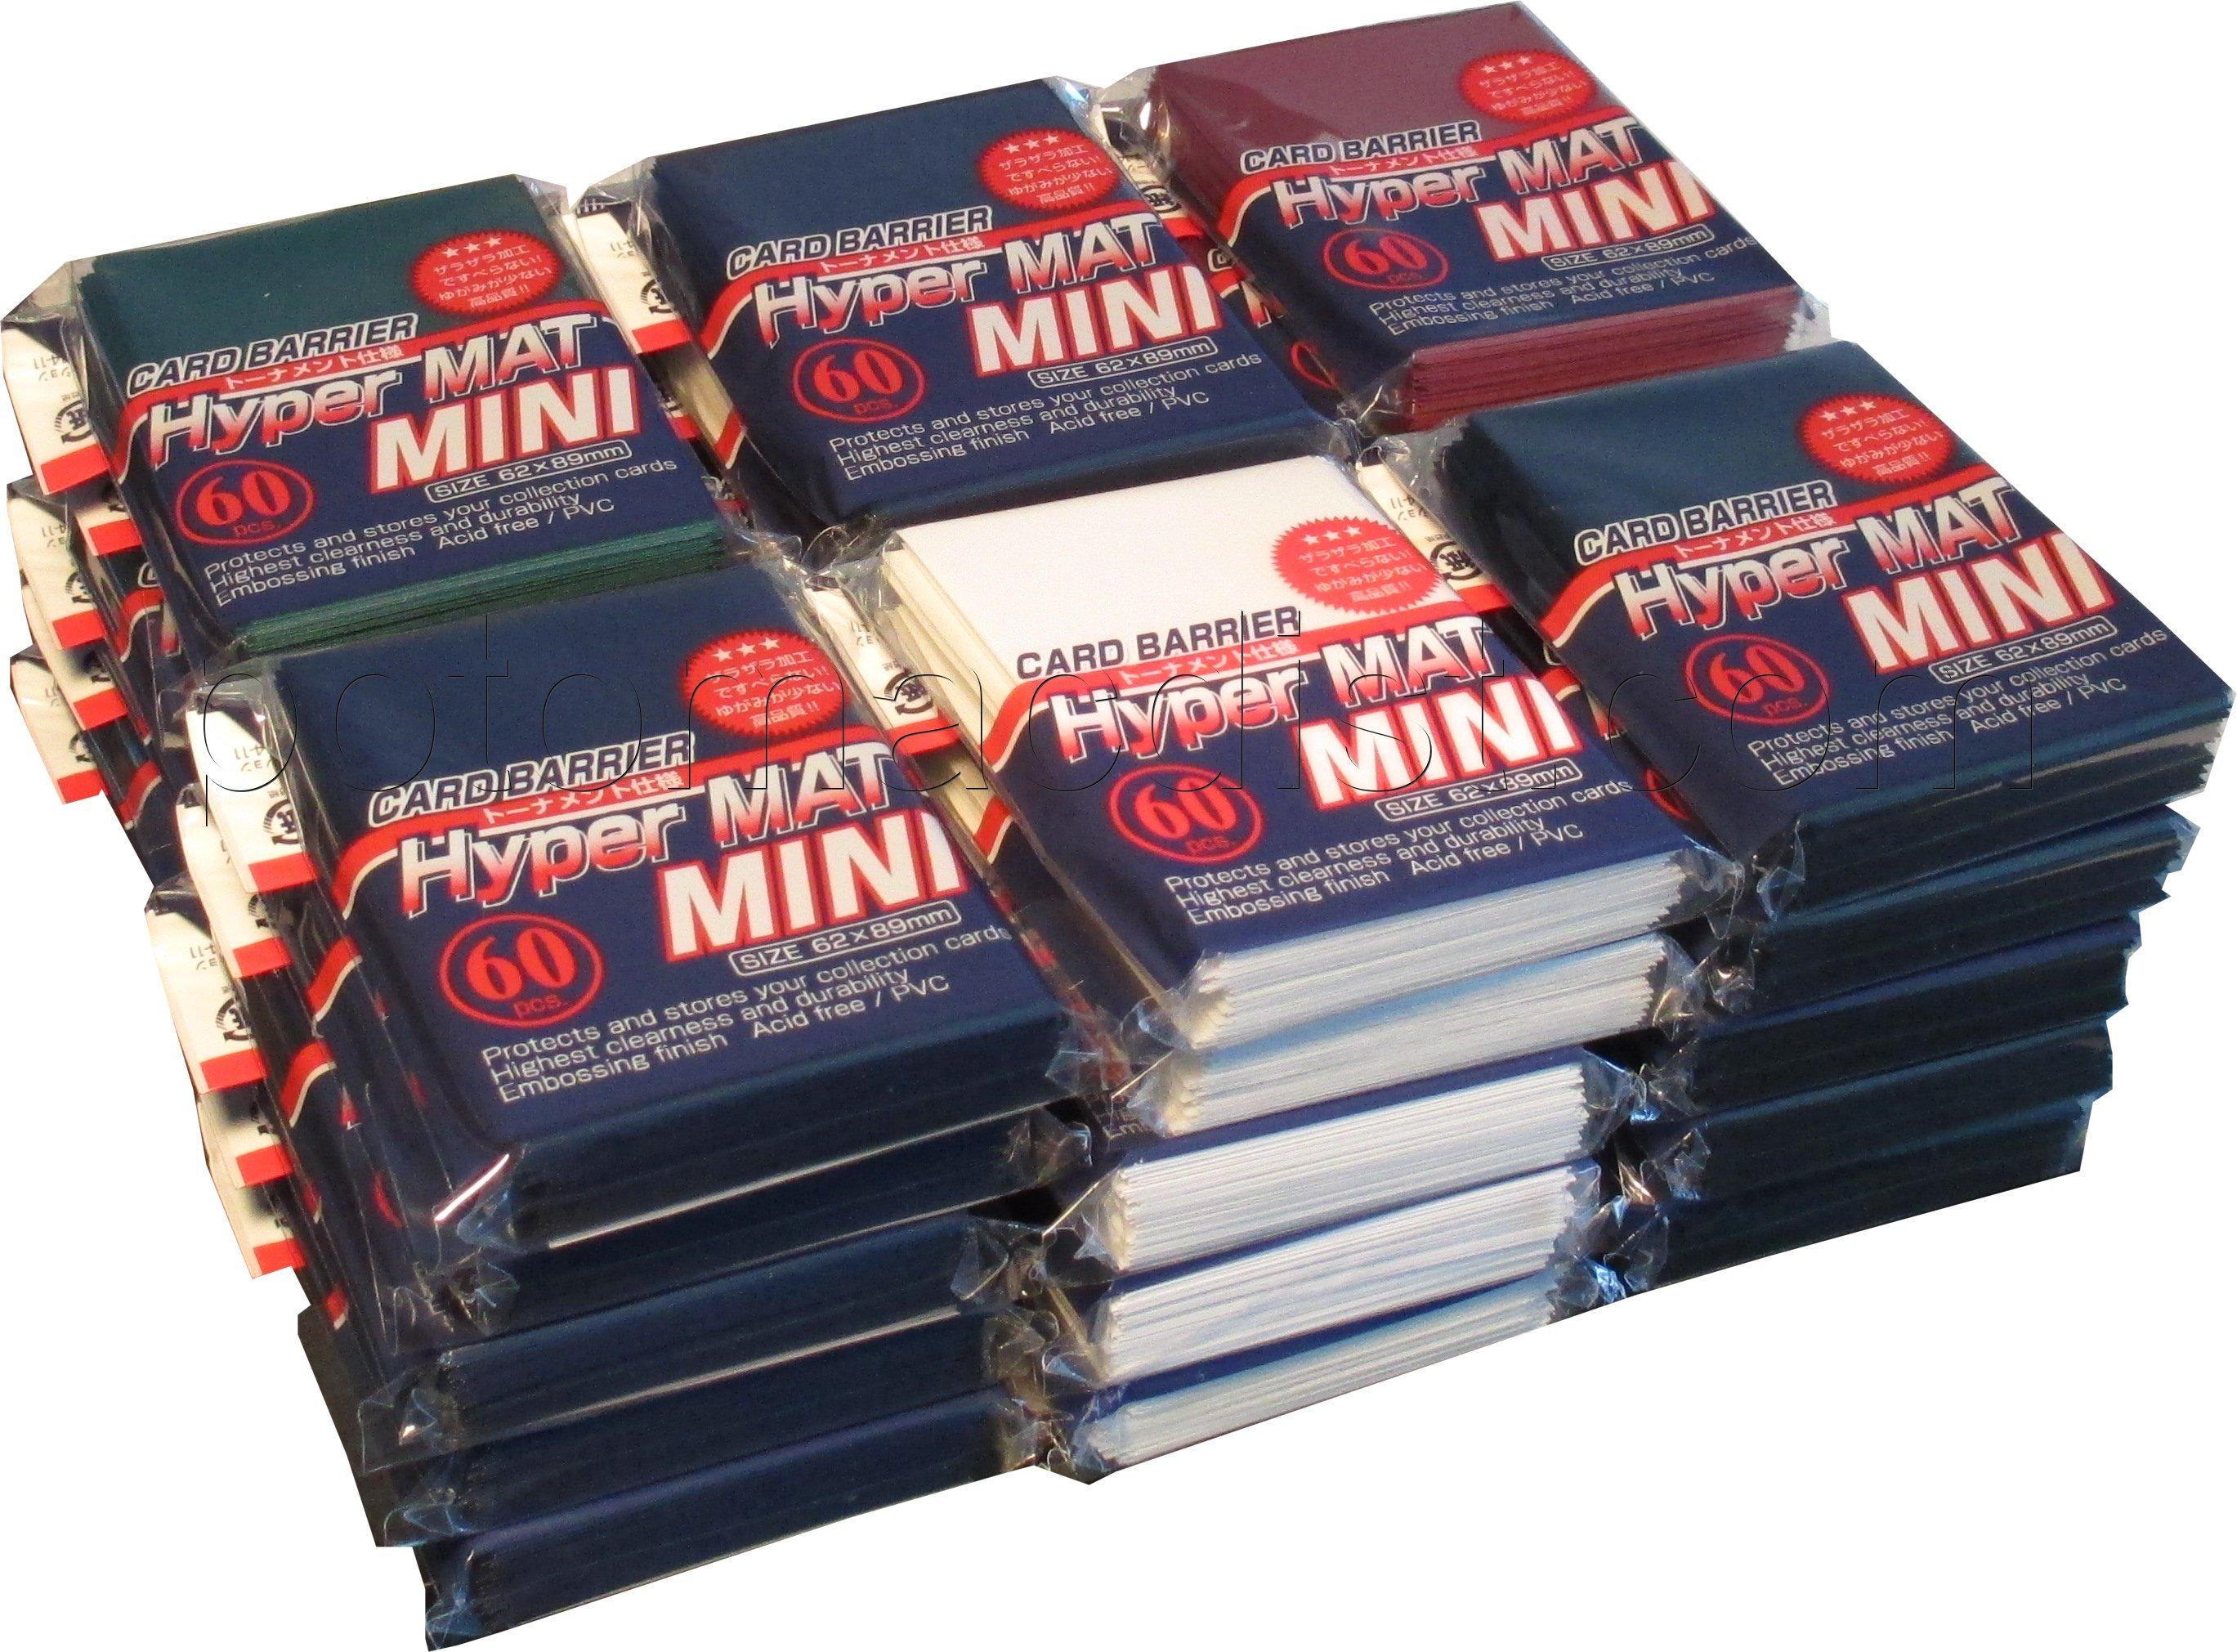 KMC Card Barrier Hyper Mat Mini Yu-Gi-Oh Size Sleeves - Hyper Matte Mixed  Case [30 packs]